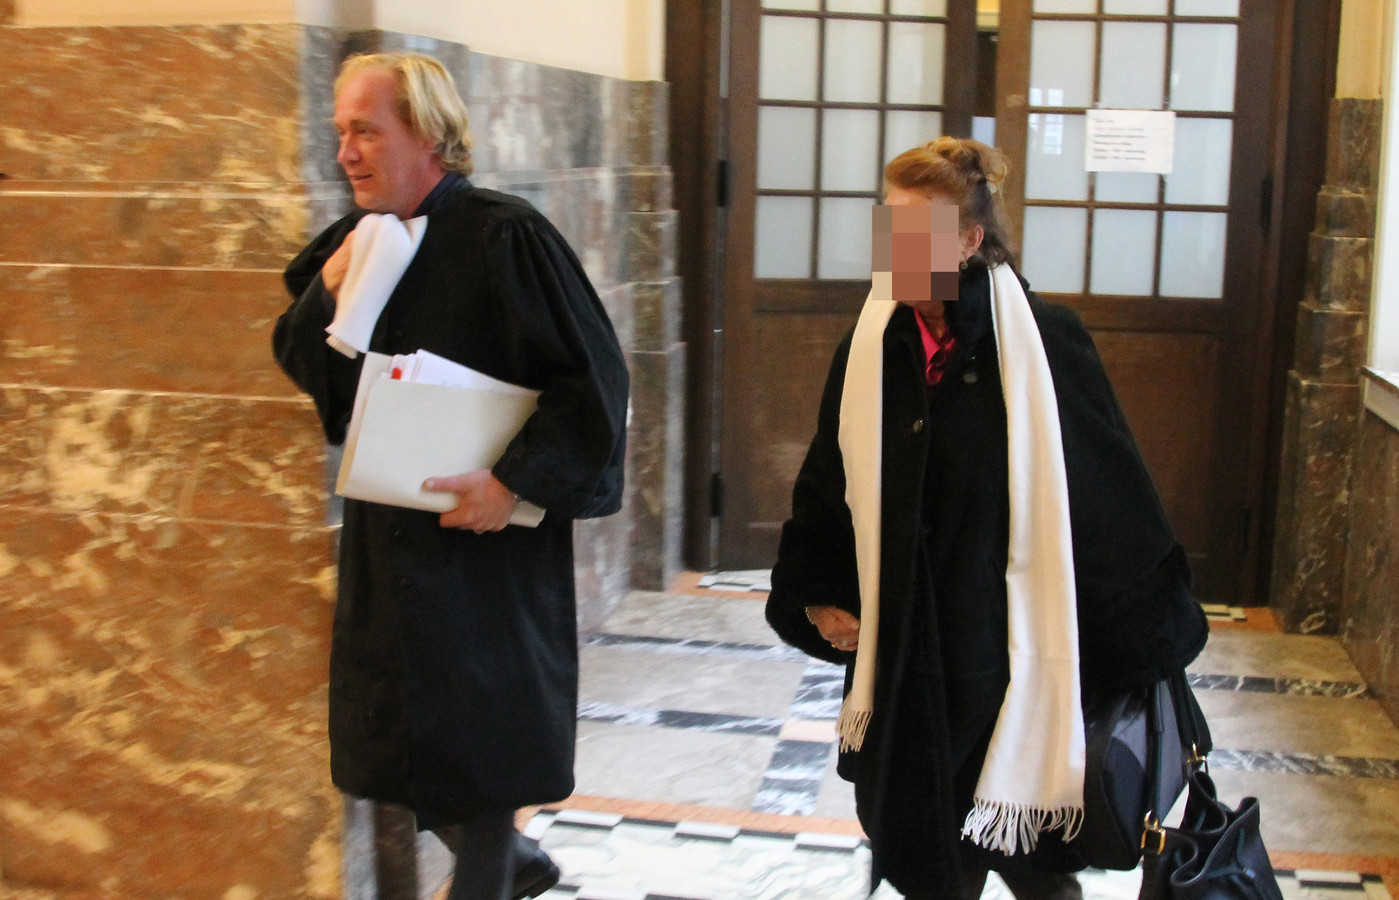 Rolande V.R., de partner van Jean Vercarre  is vrij onder toezicht.